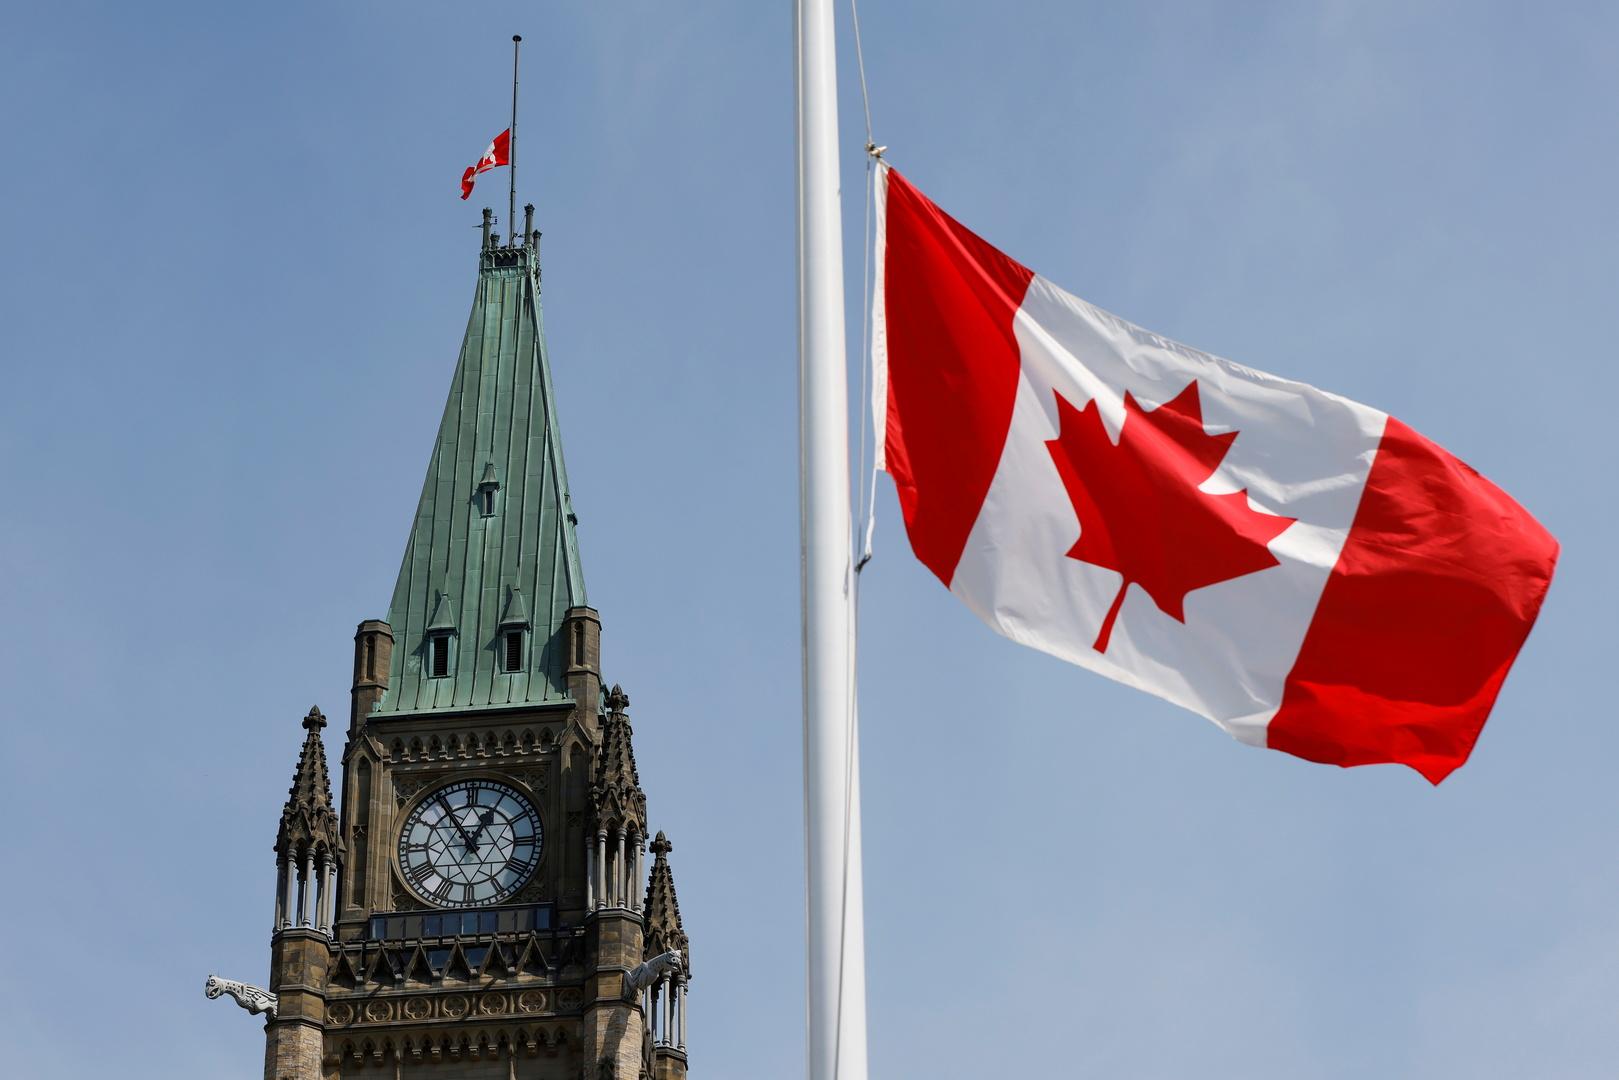 كندا تقاطع مؤتمر الأمم المتحدة لمكافحة العنصرية بسبب مخاوف بشأن تصريحات معادية لإسرائيل